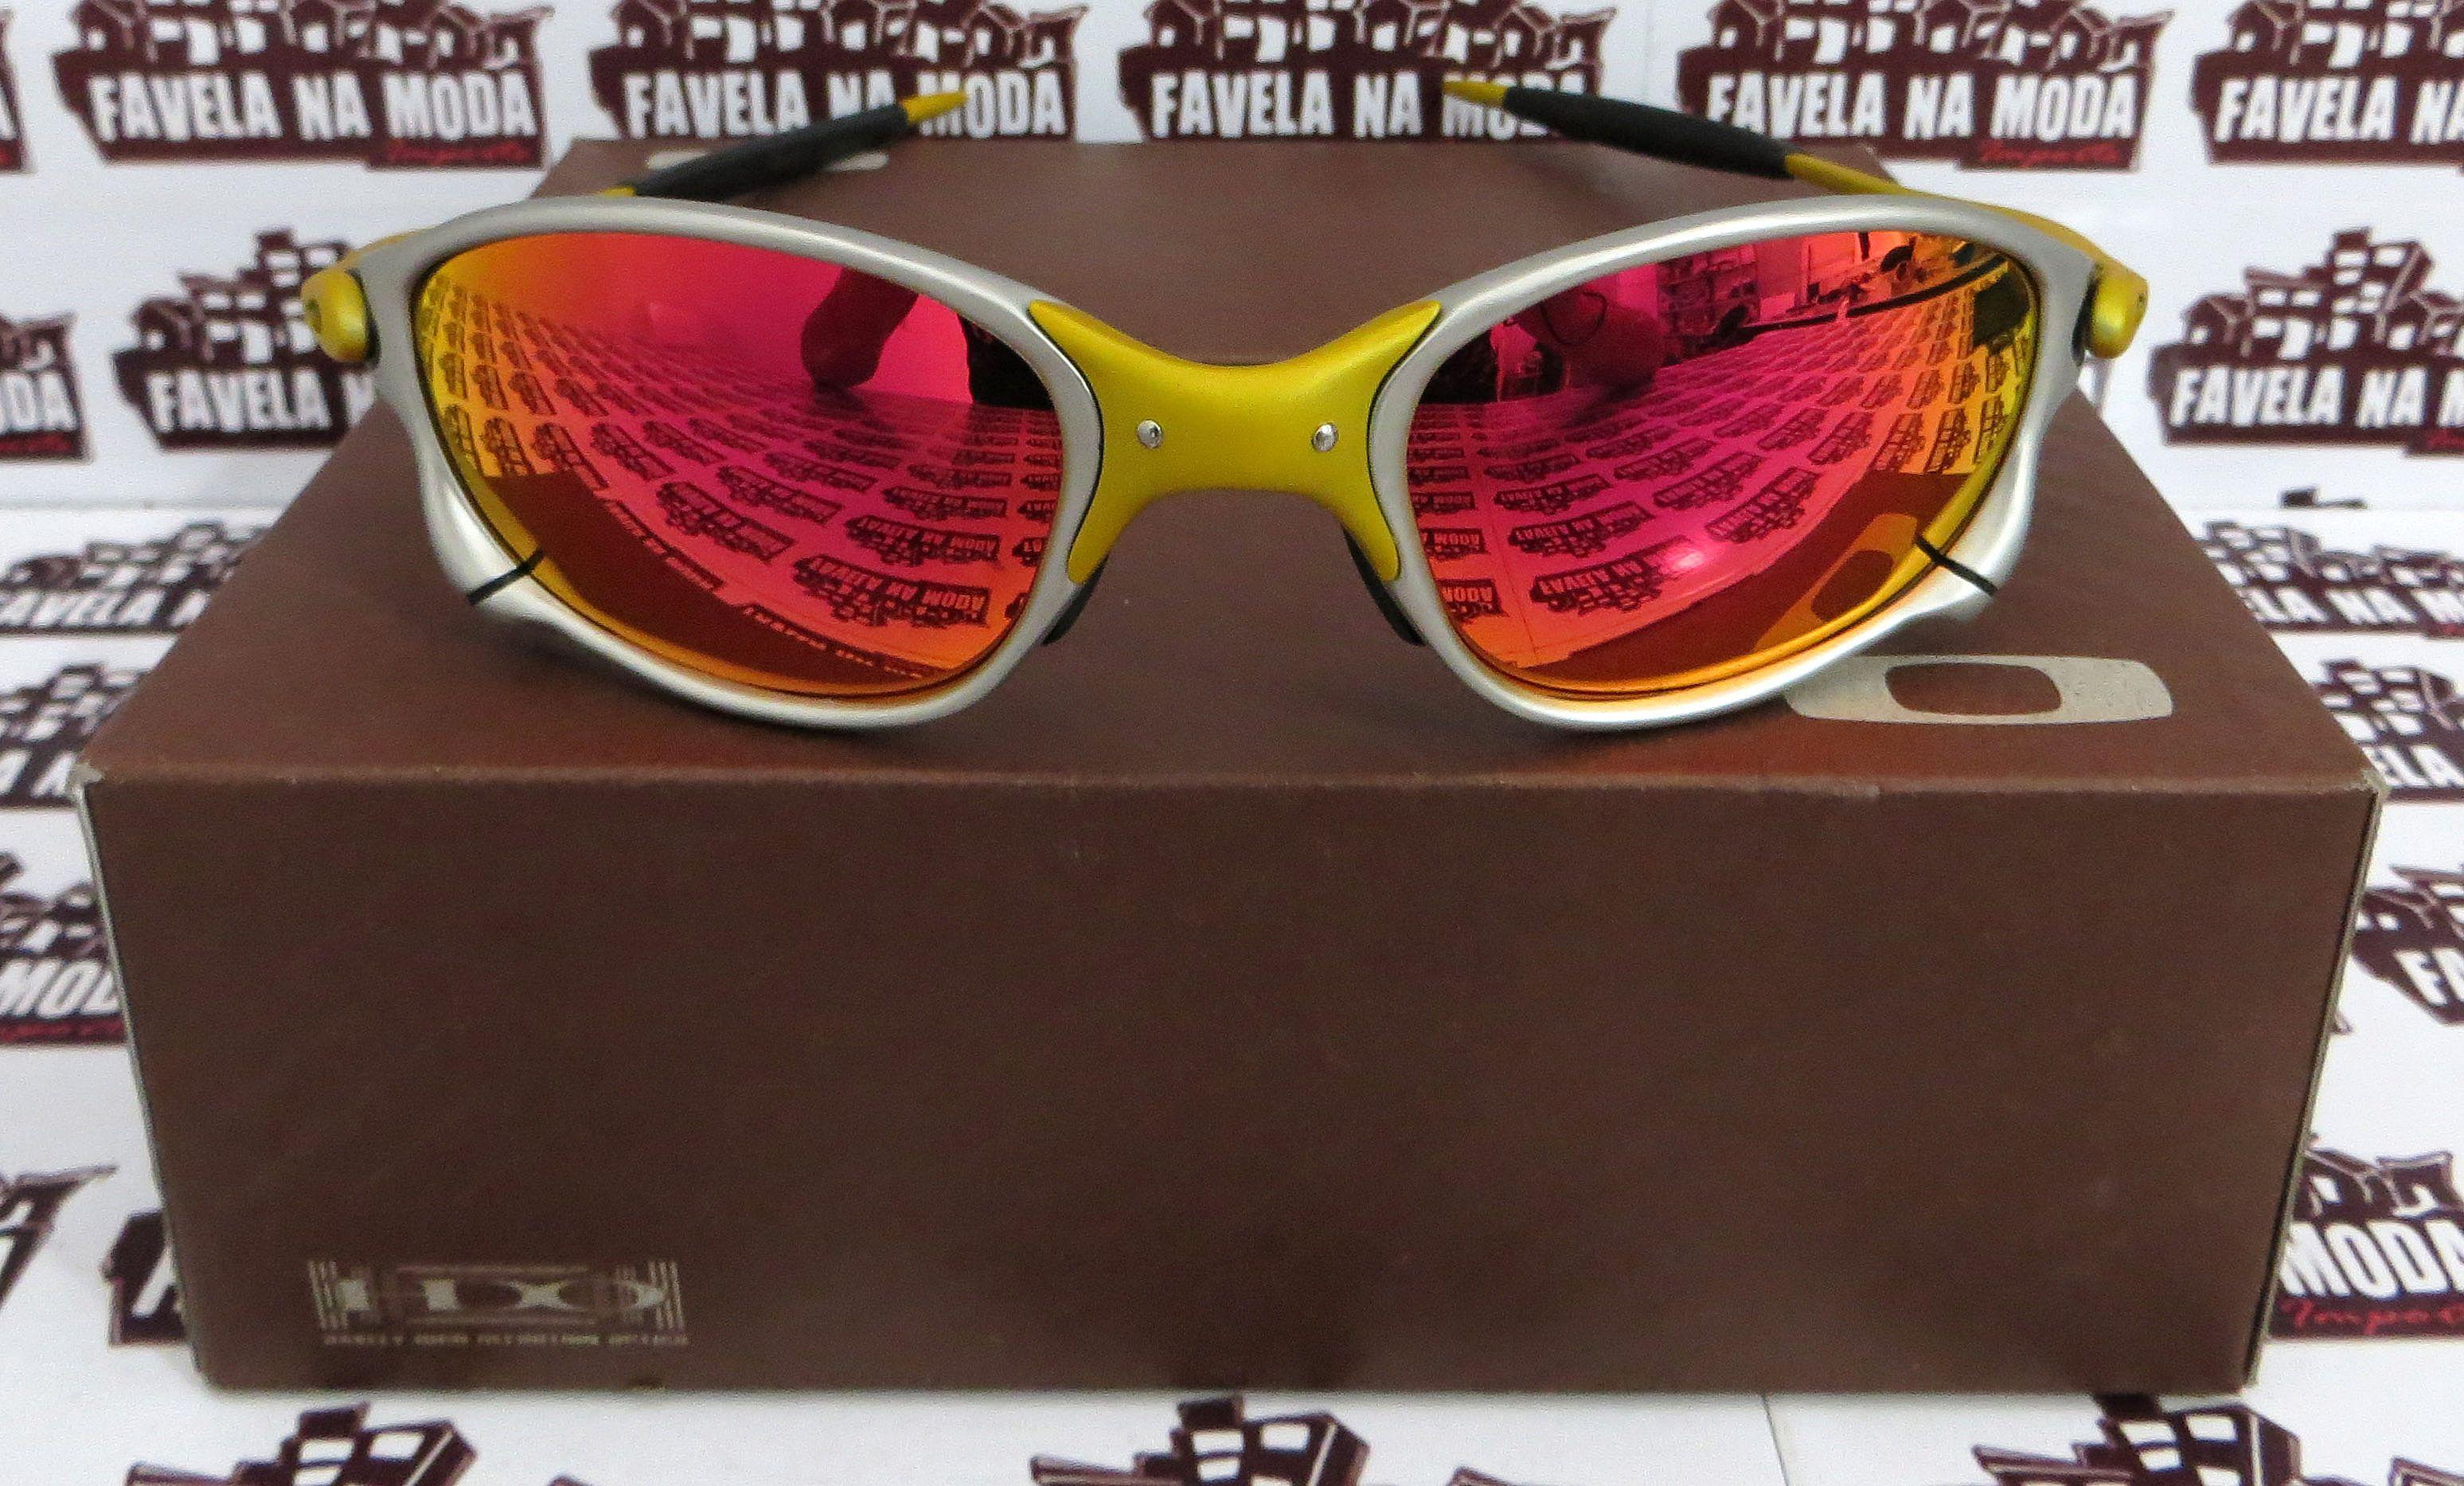 785d07c89e55f Óculos Oakley Double xx - 24k   Dark Ruby   Borrachas Pretas